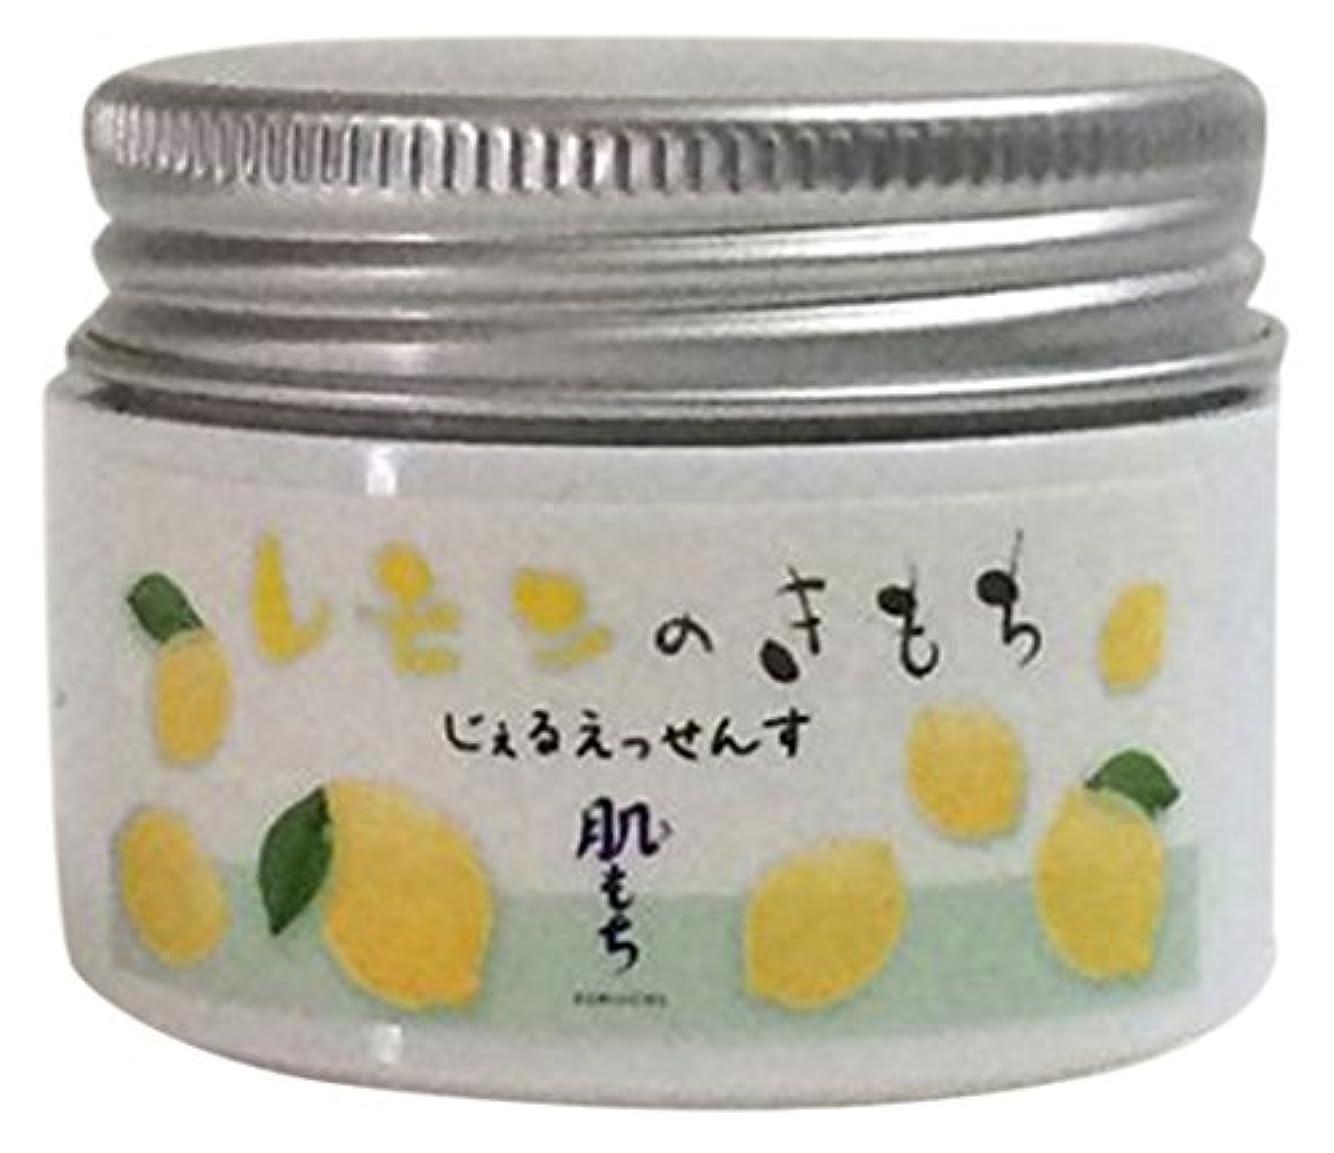 積極的に有力者恩恵肌もち ジェルエッセンス(レモン) 50g